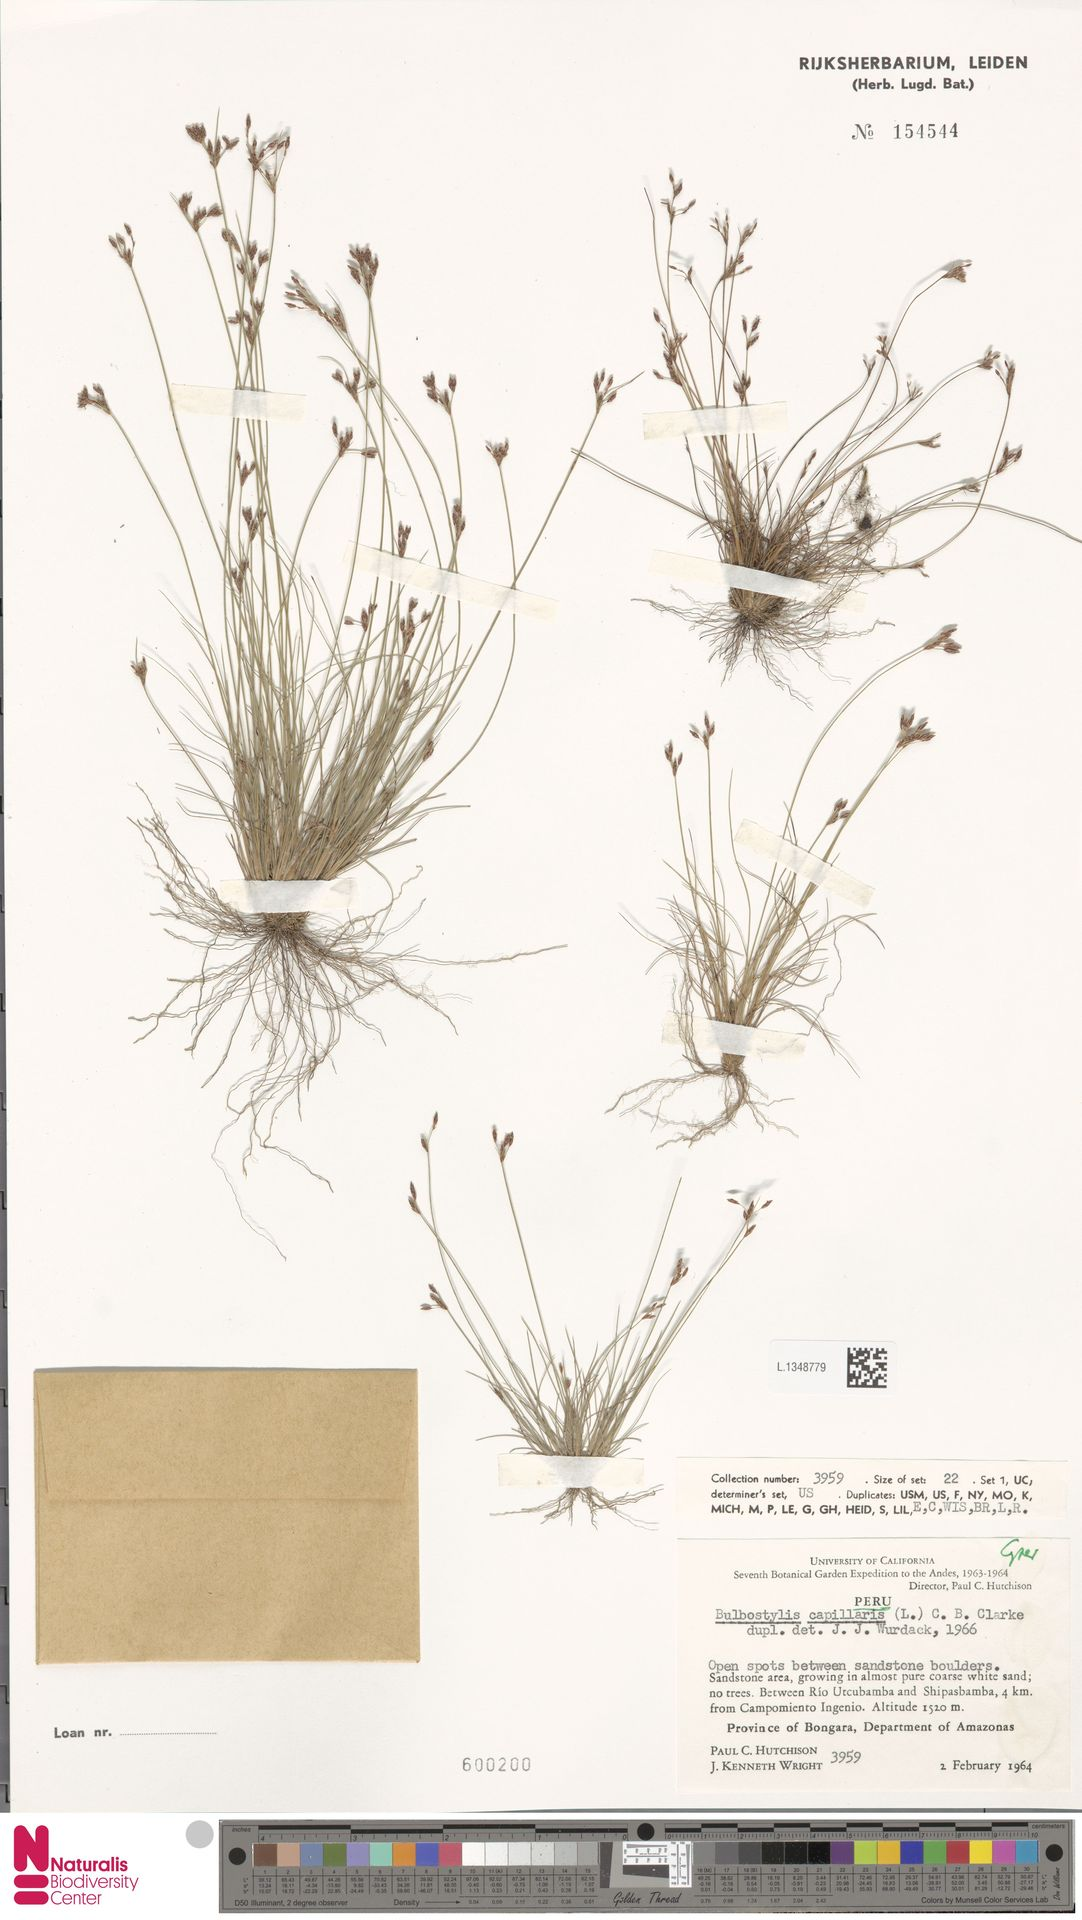 L.1348779   Bulbostylis capillaris (L.) Kunth ex C.B.Clarke